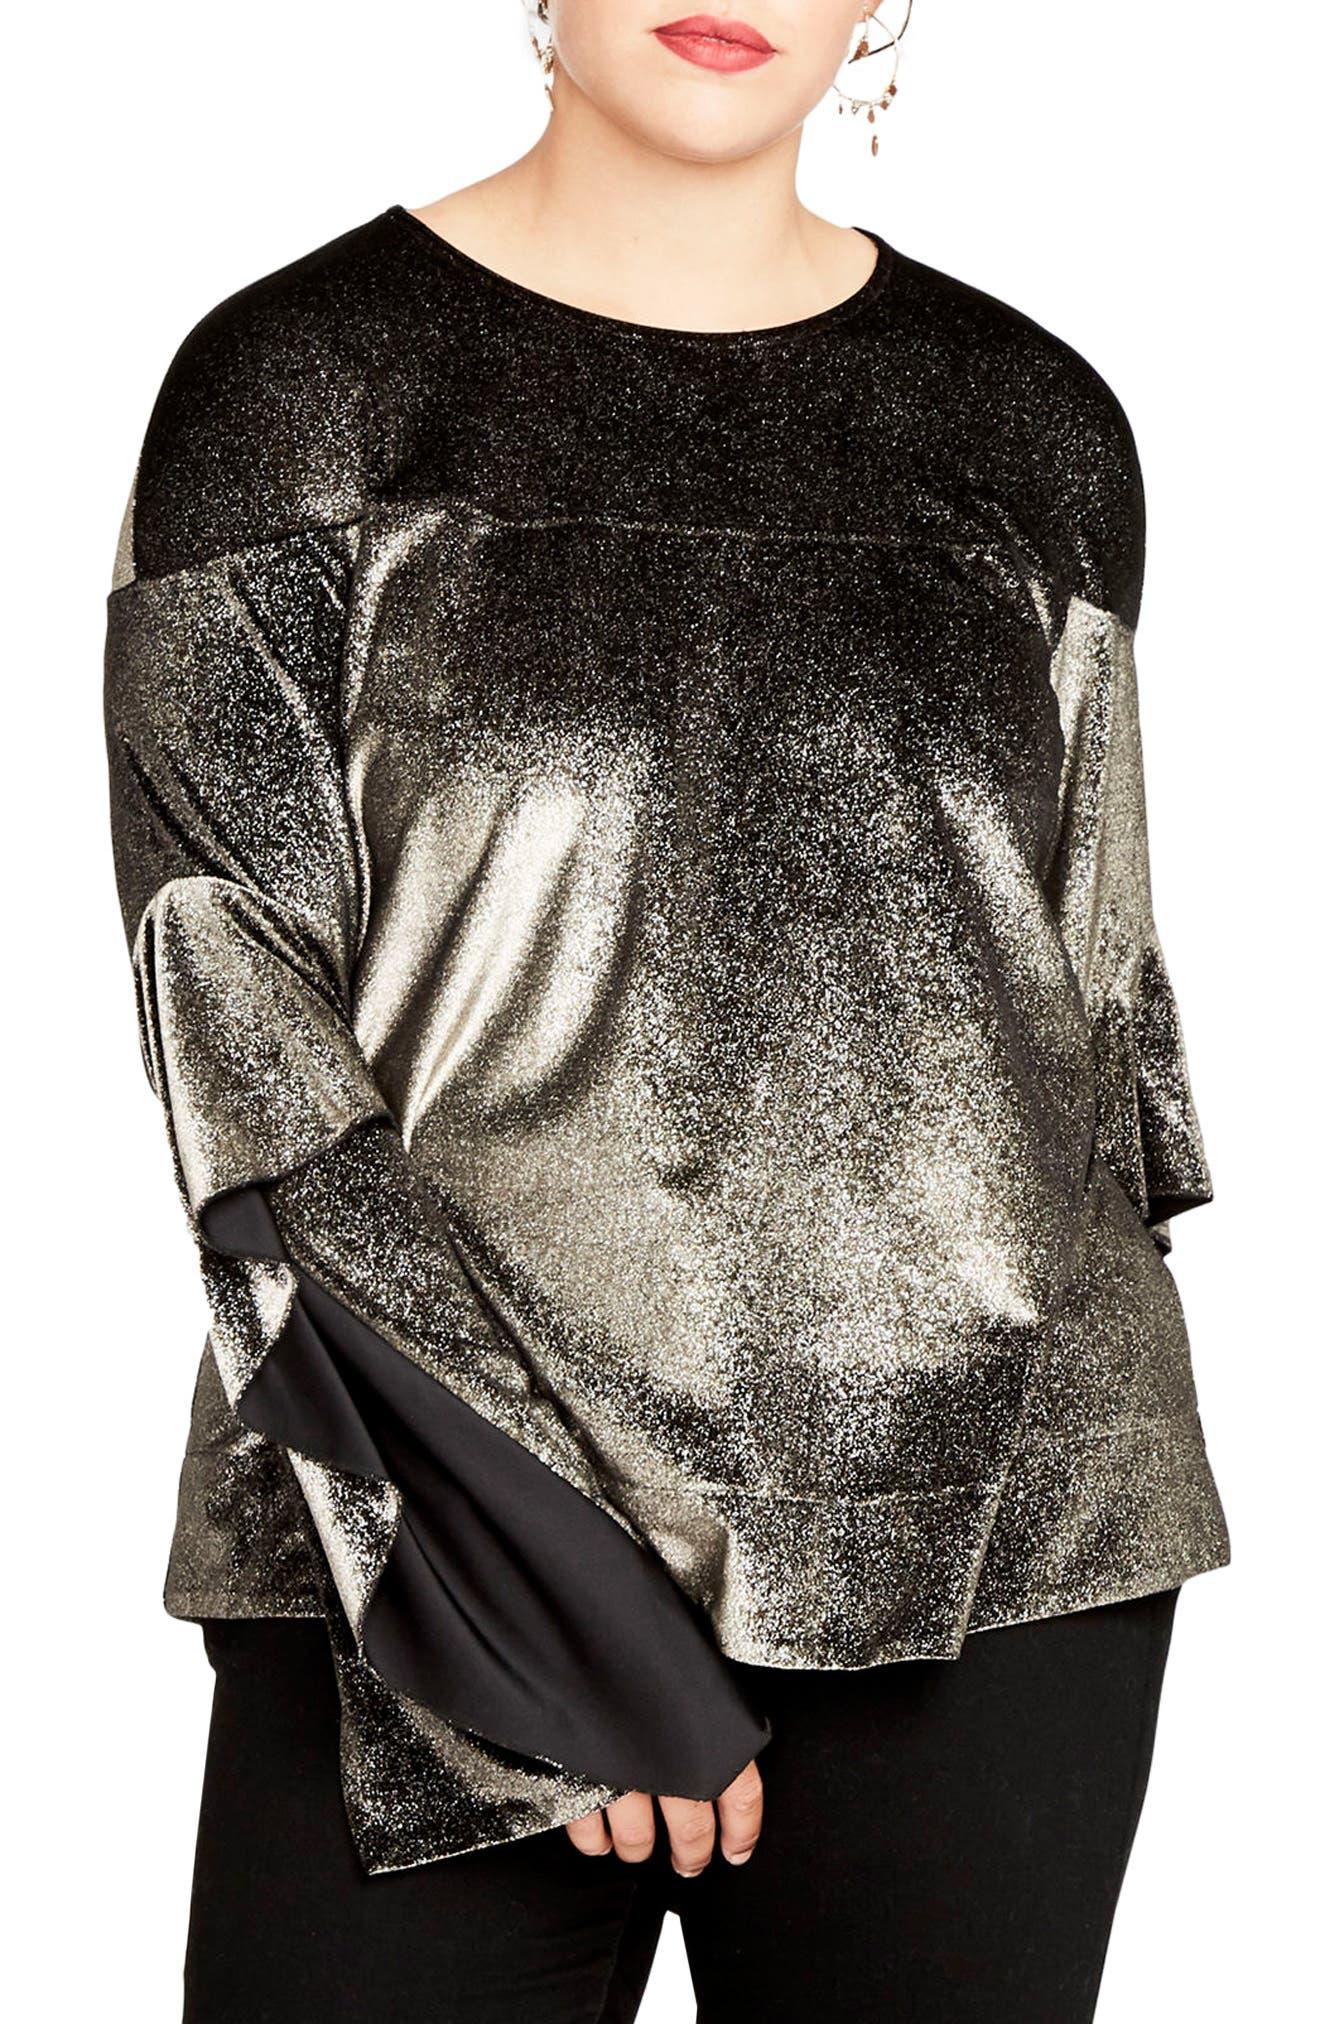 Main Image - RACHEL Rachel Roy Ruffle Sleeve Metallic Sweatshirt (Plus Size)